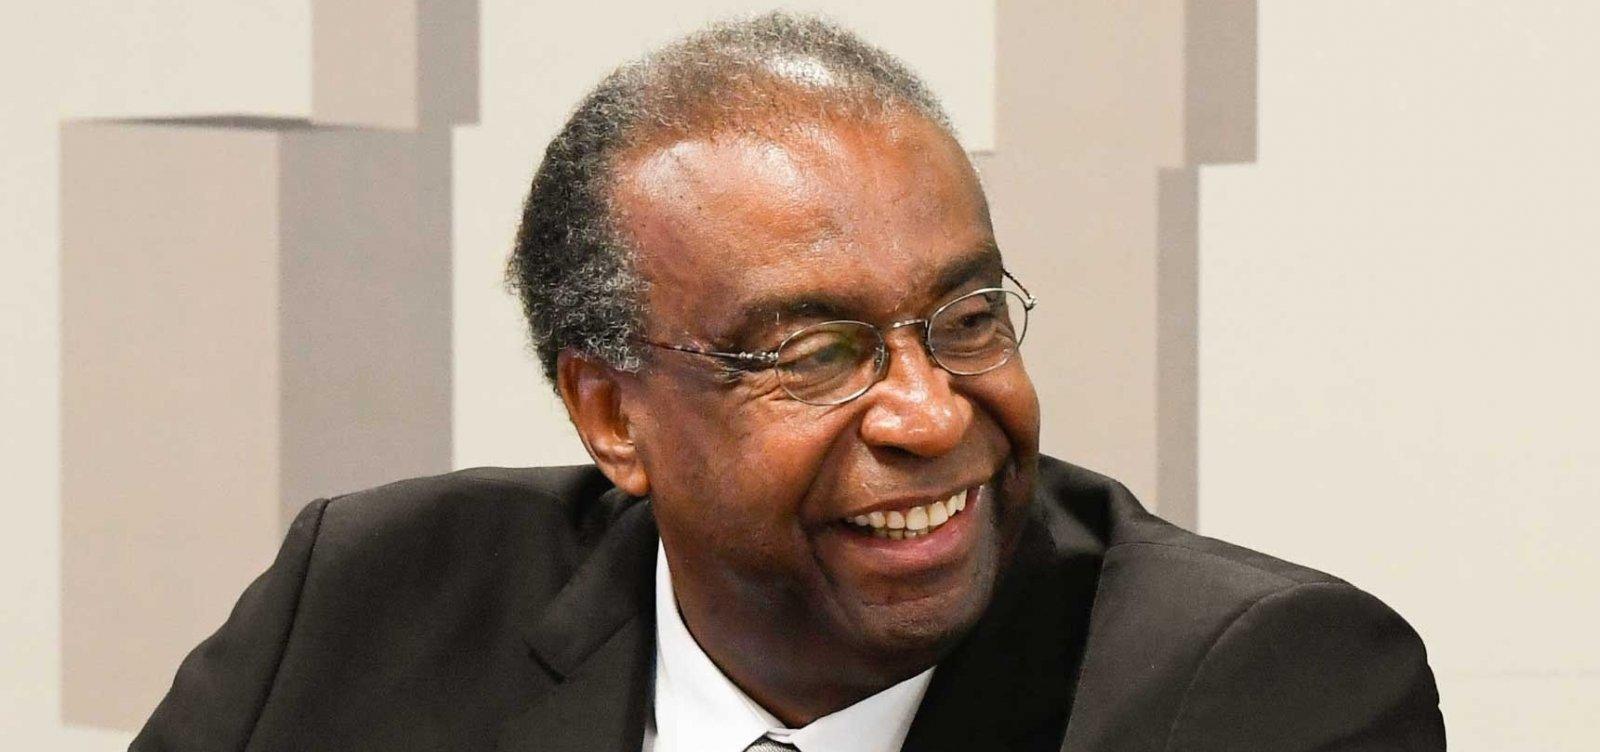 [Após revelações de fraudes, governo adia posse de ministro da Educação]